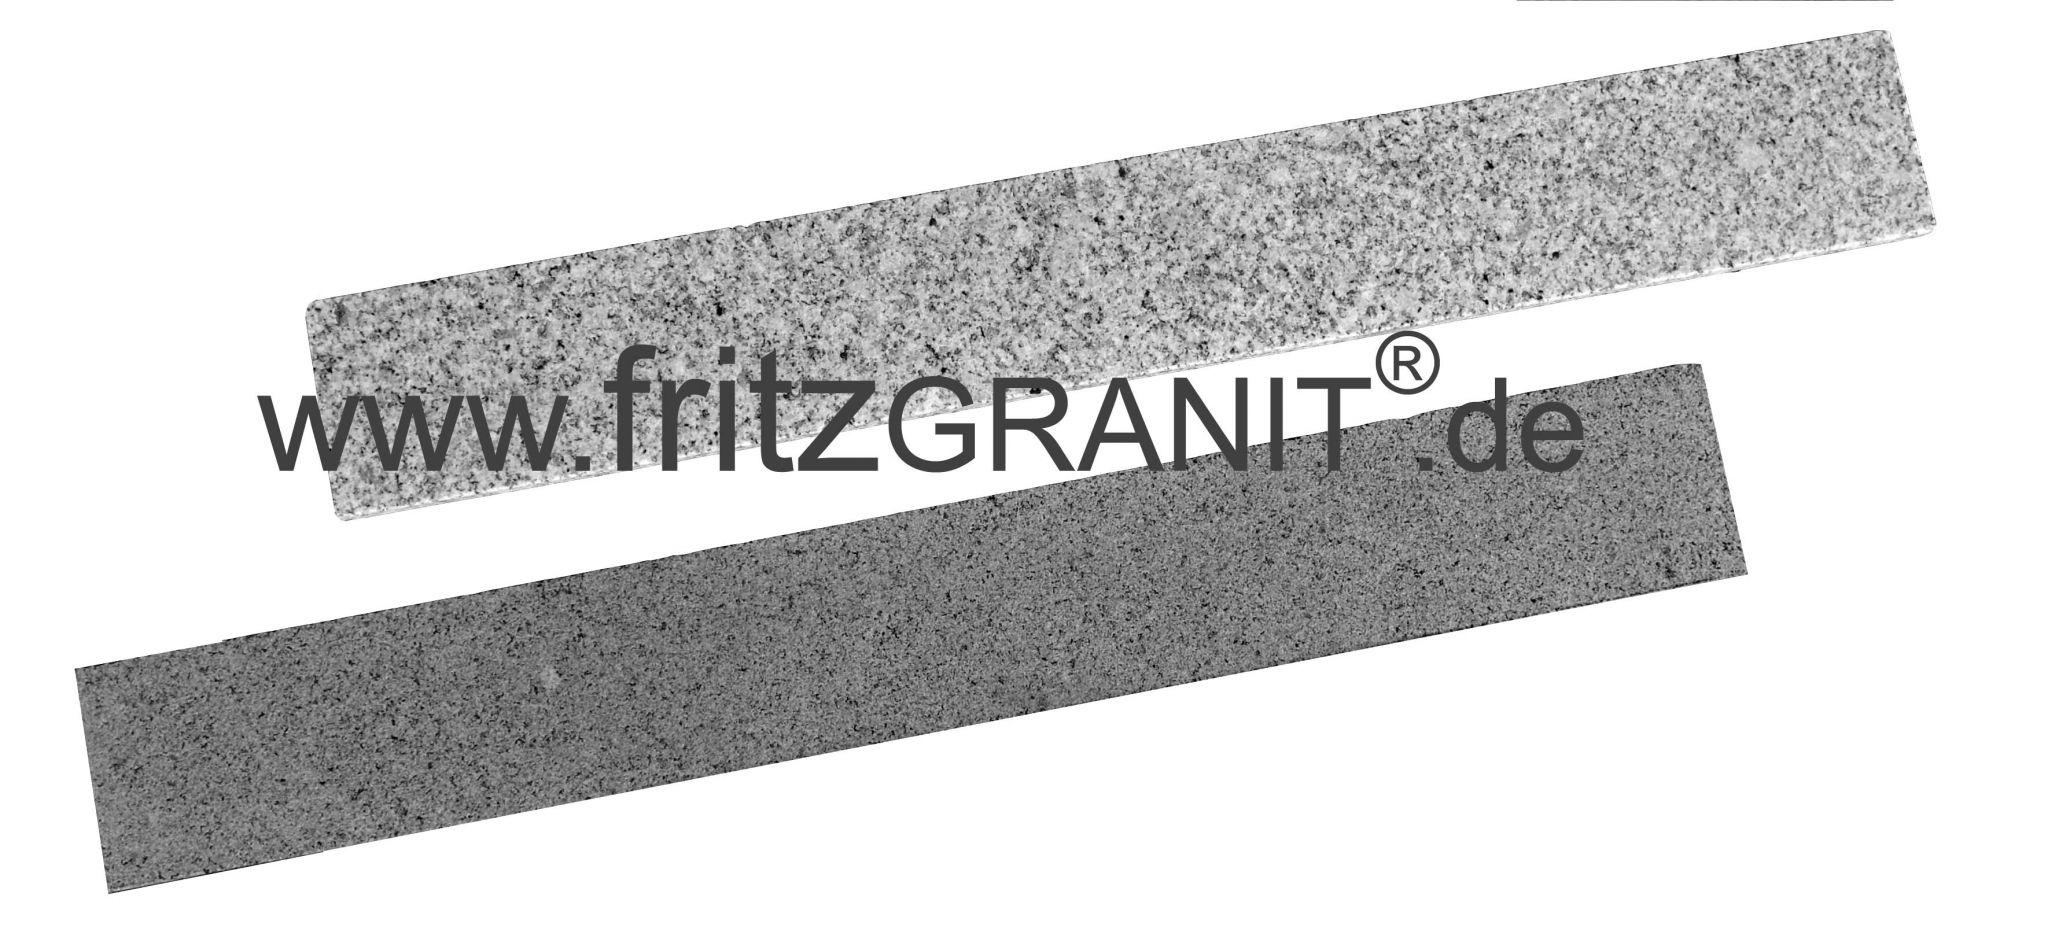 naturstein formatplatten fritzgranit. Black Bedroom Furniture Sets. Home Design Ideas